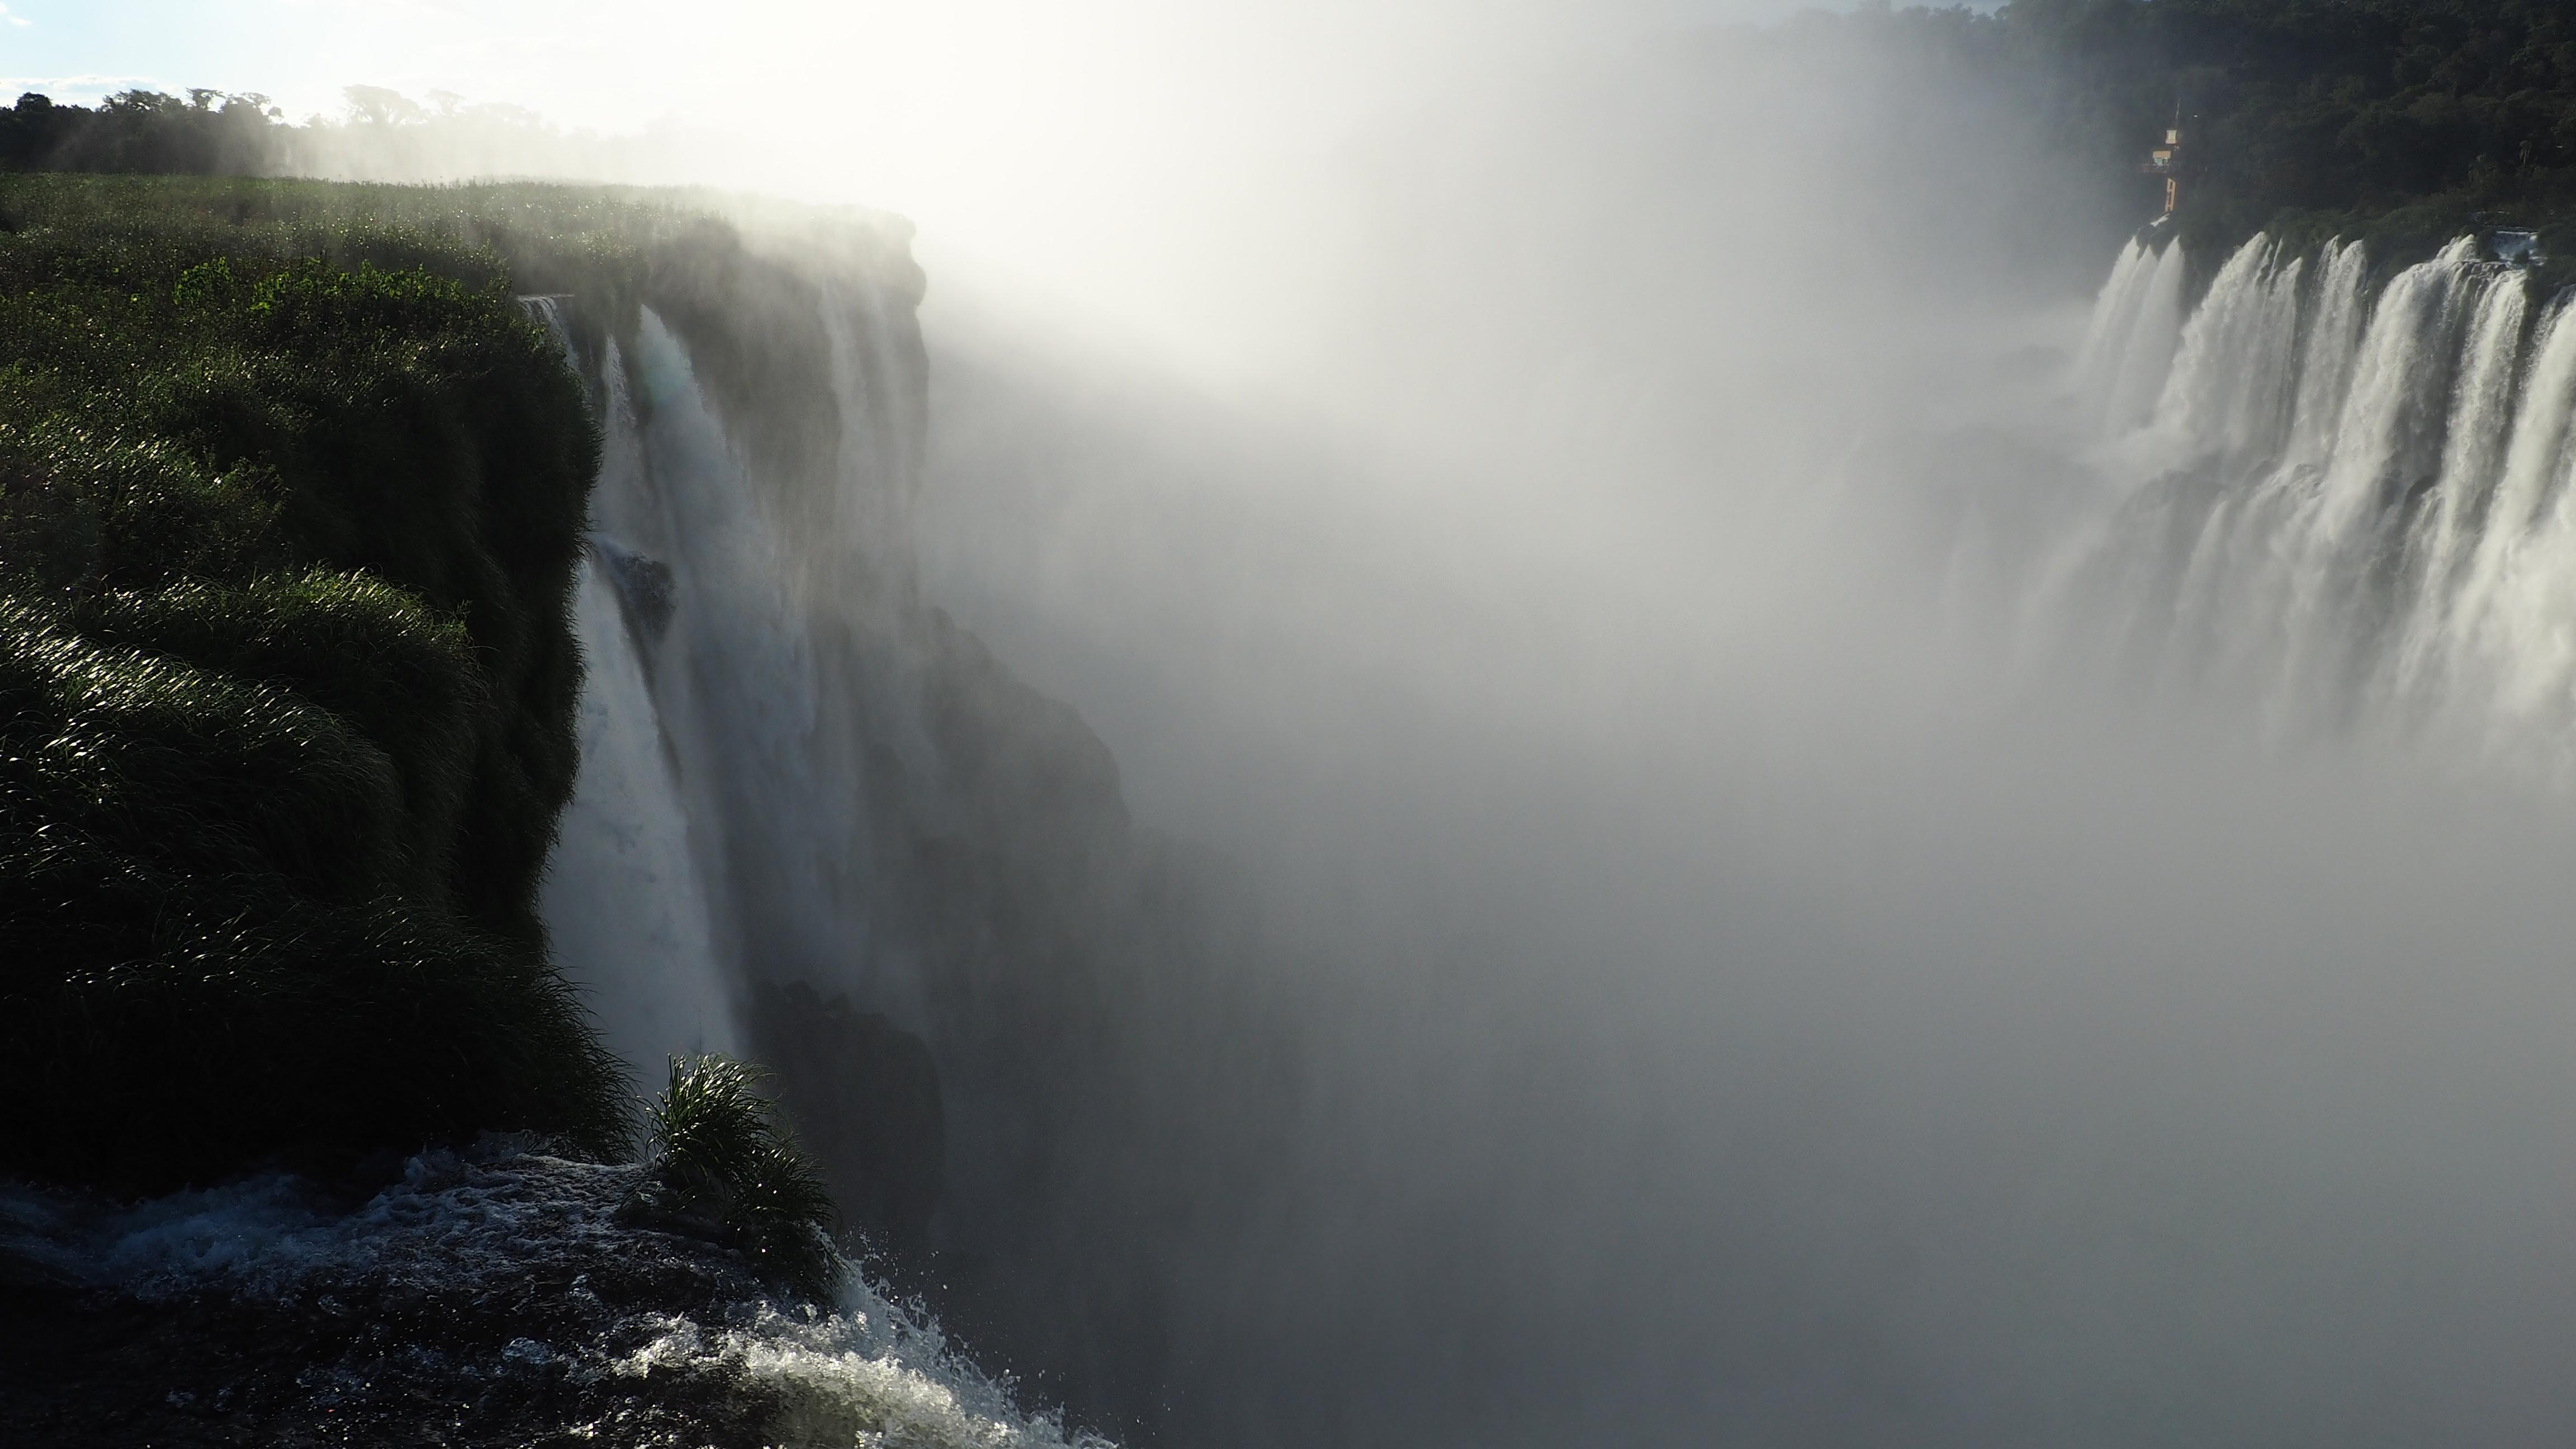 Vista de la Garganta del Diablo. Visitar las Cataratas de Iguazú es pura magia